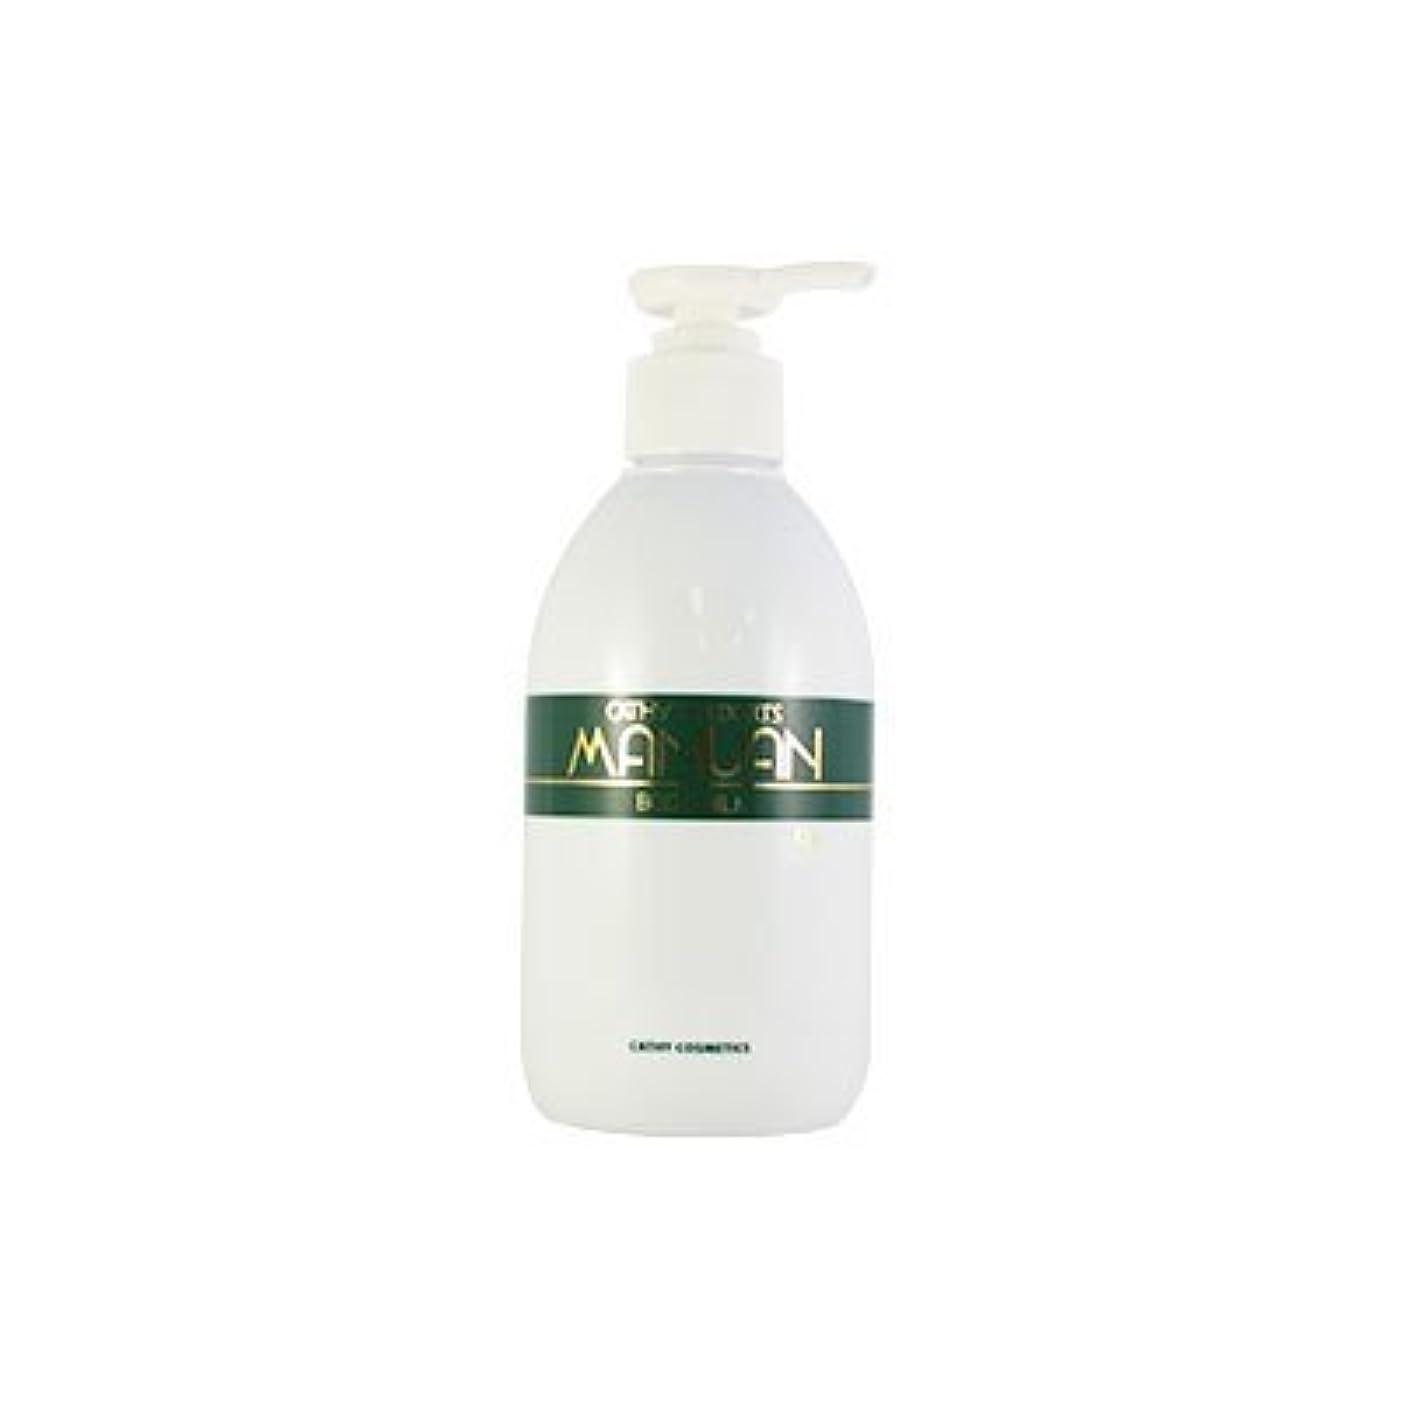 イチゴ接ぎ木つづりカシー化粧品 (CATHY) ボザール マニュアン ボディミルク 〈ボディ用乳液〉 250mL [並行輸入品]